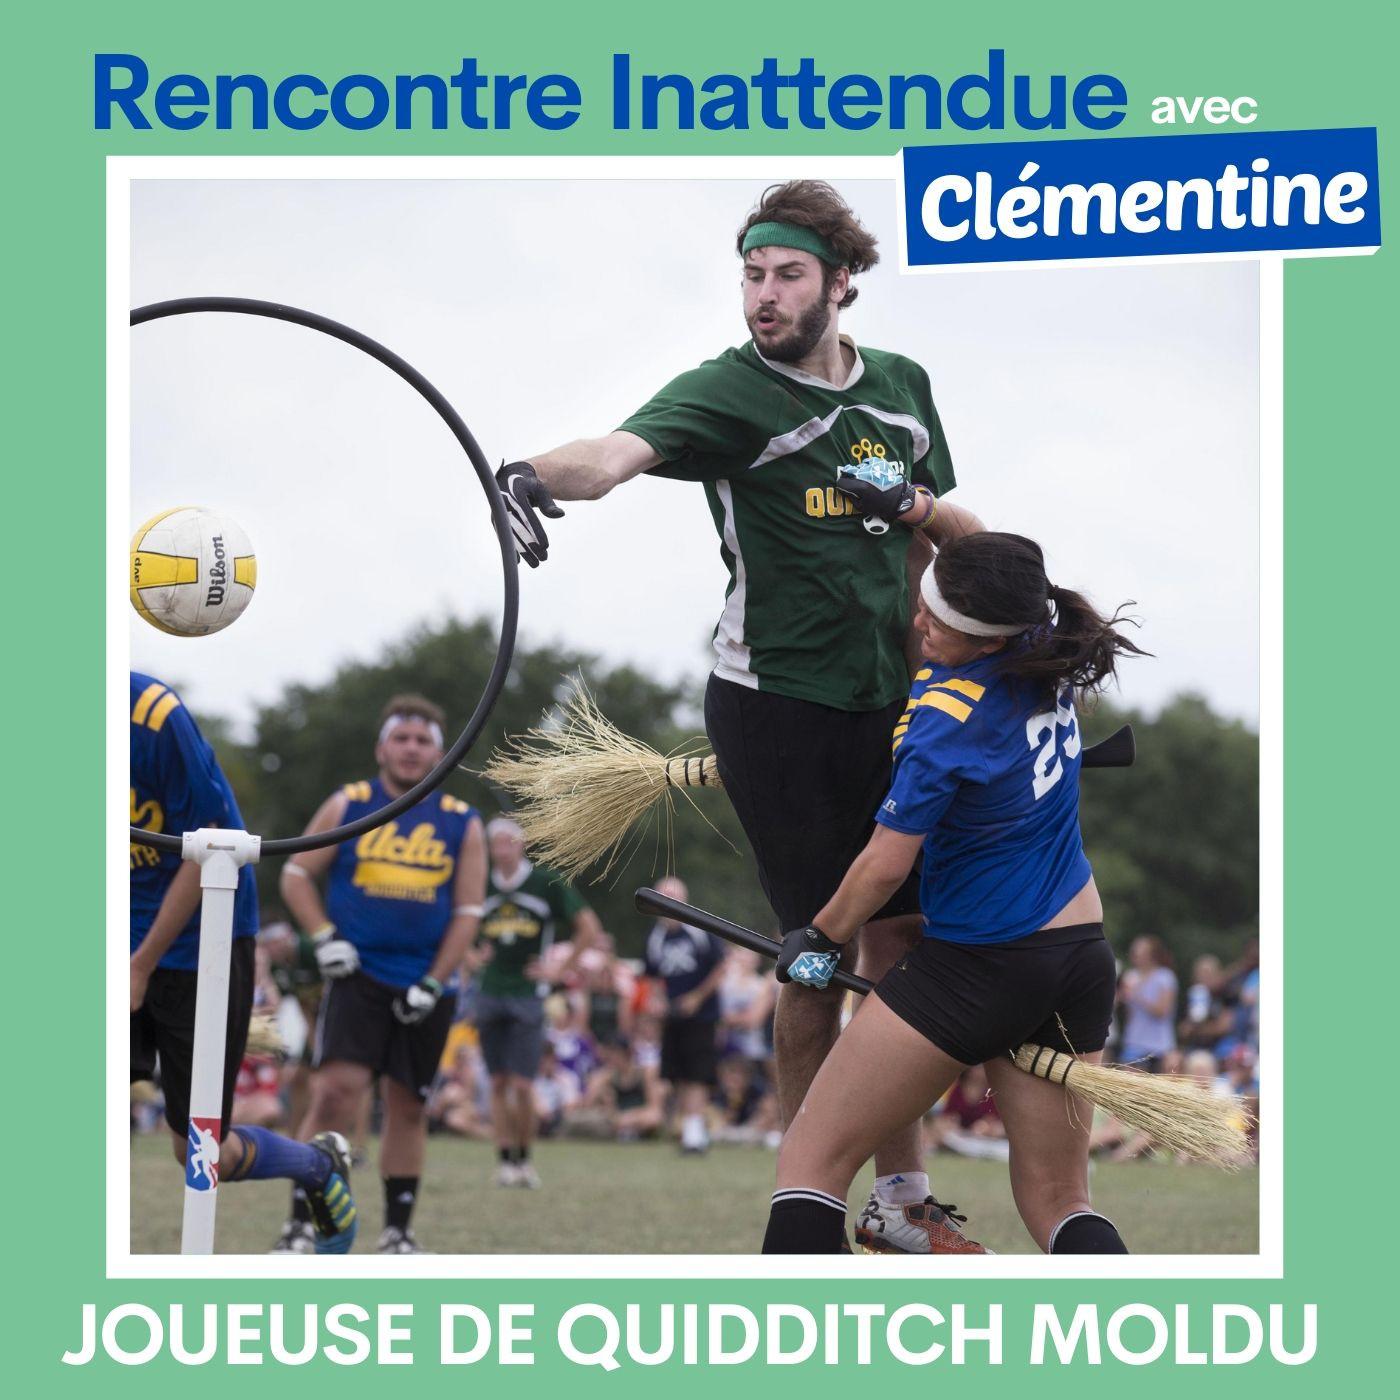 #06 - Clémentine, joueuse de quidditch